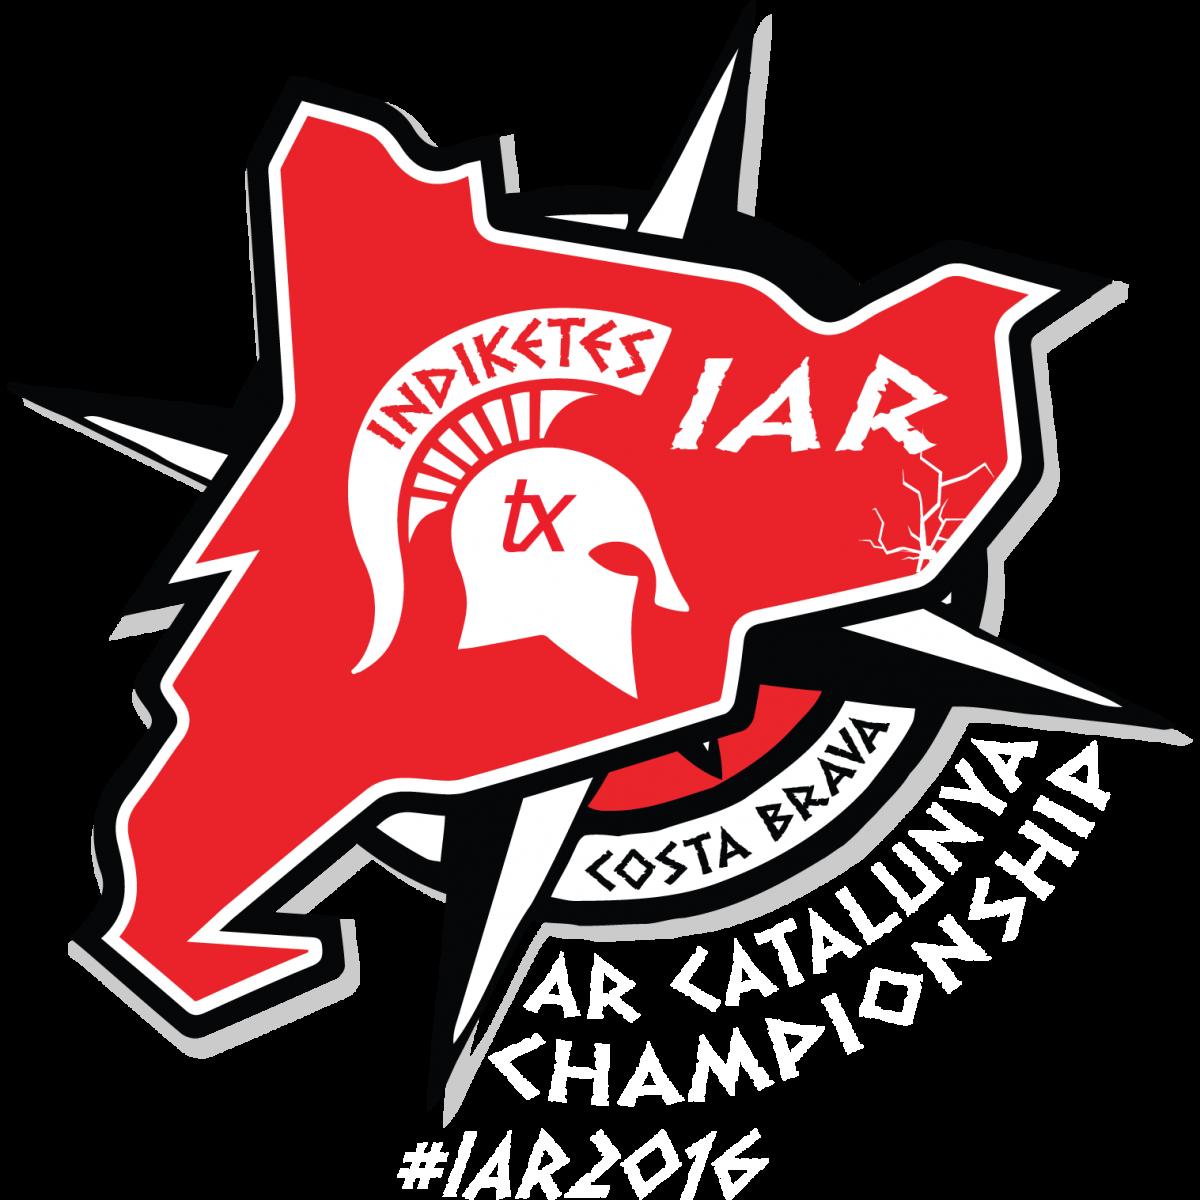 Indiketes - AR Catalunya Championship 2016